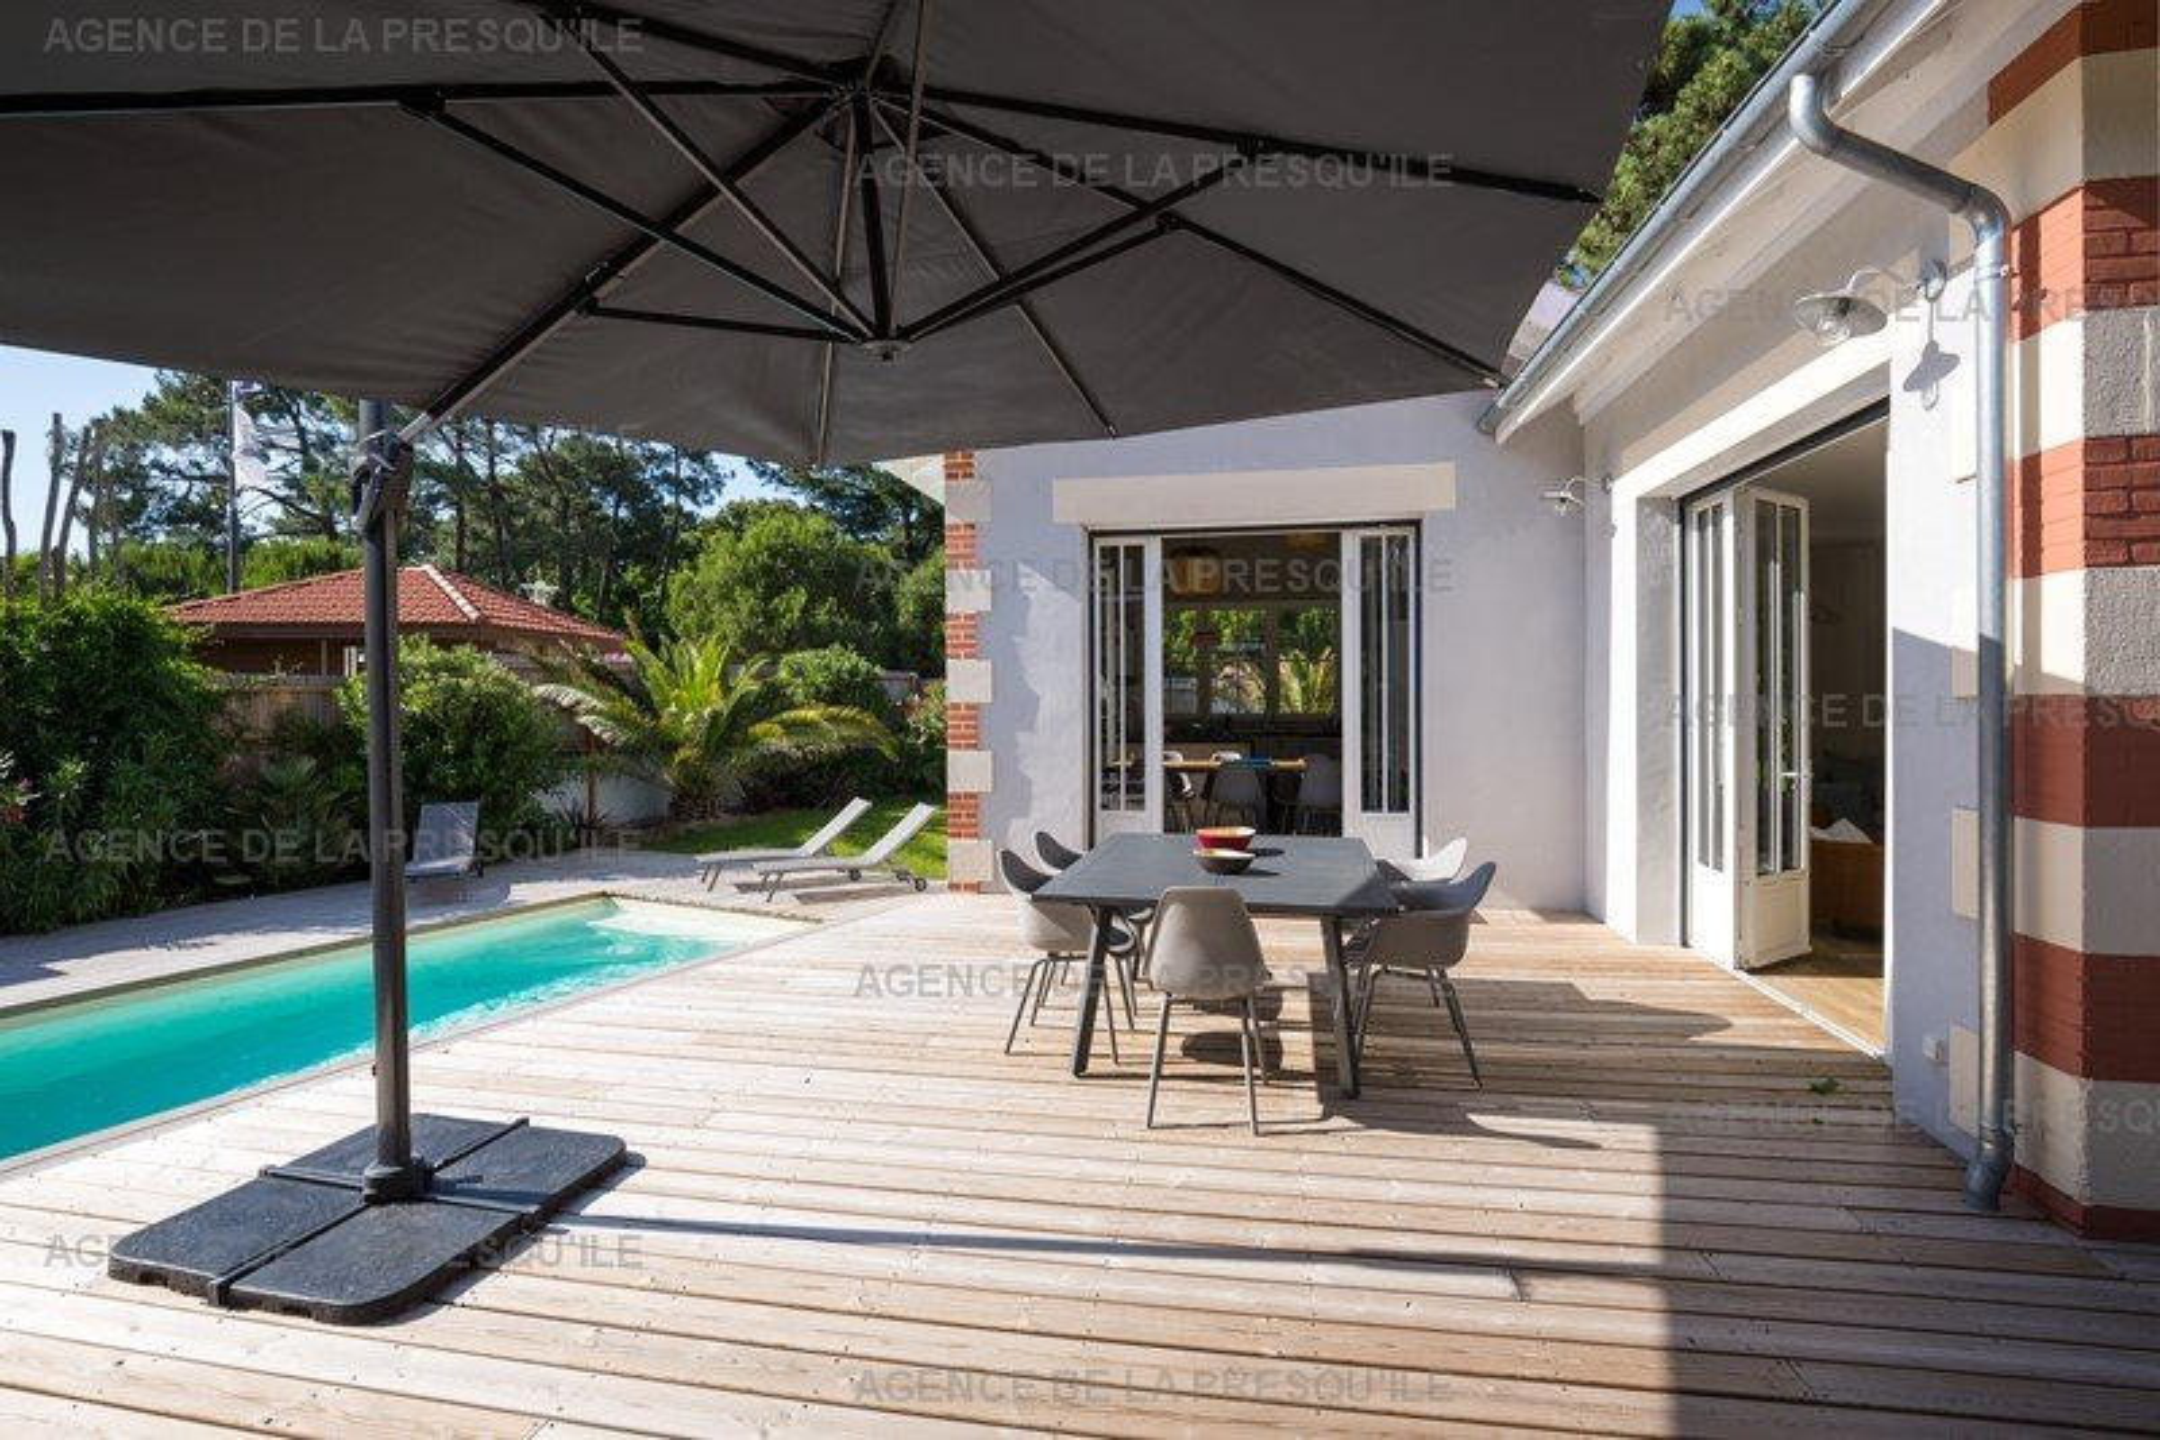 Location: Très belle villa avec piscine au centre du cap-ferret 8